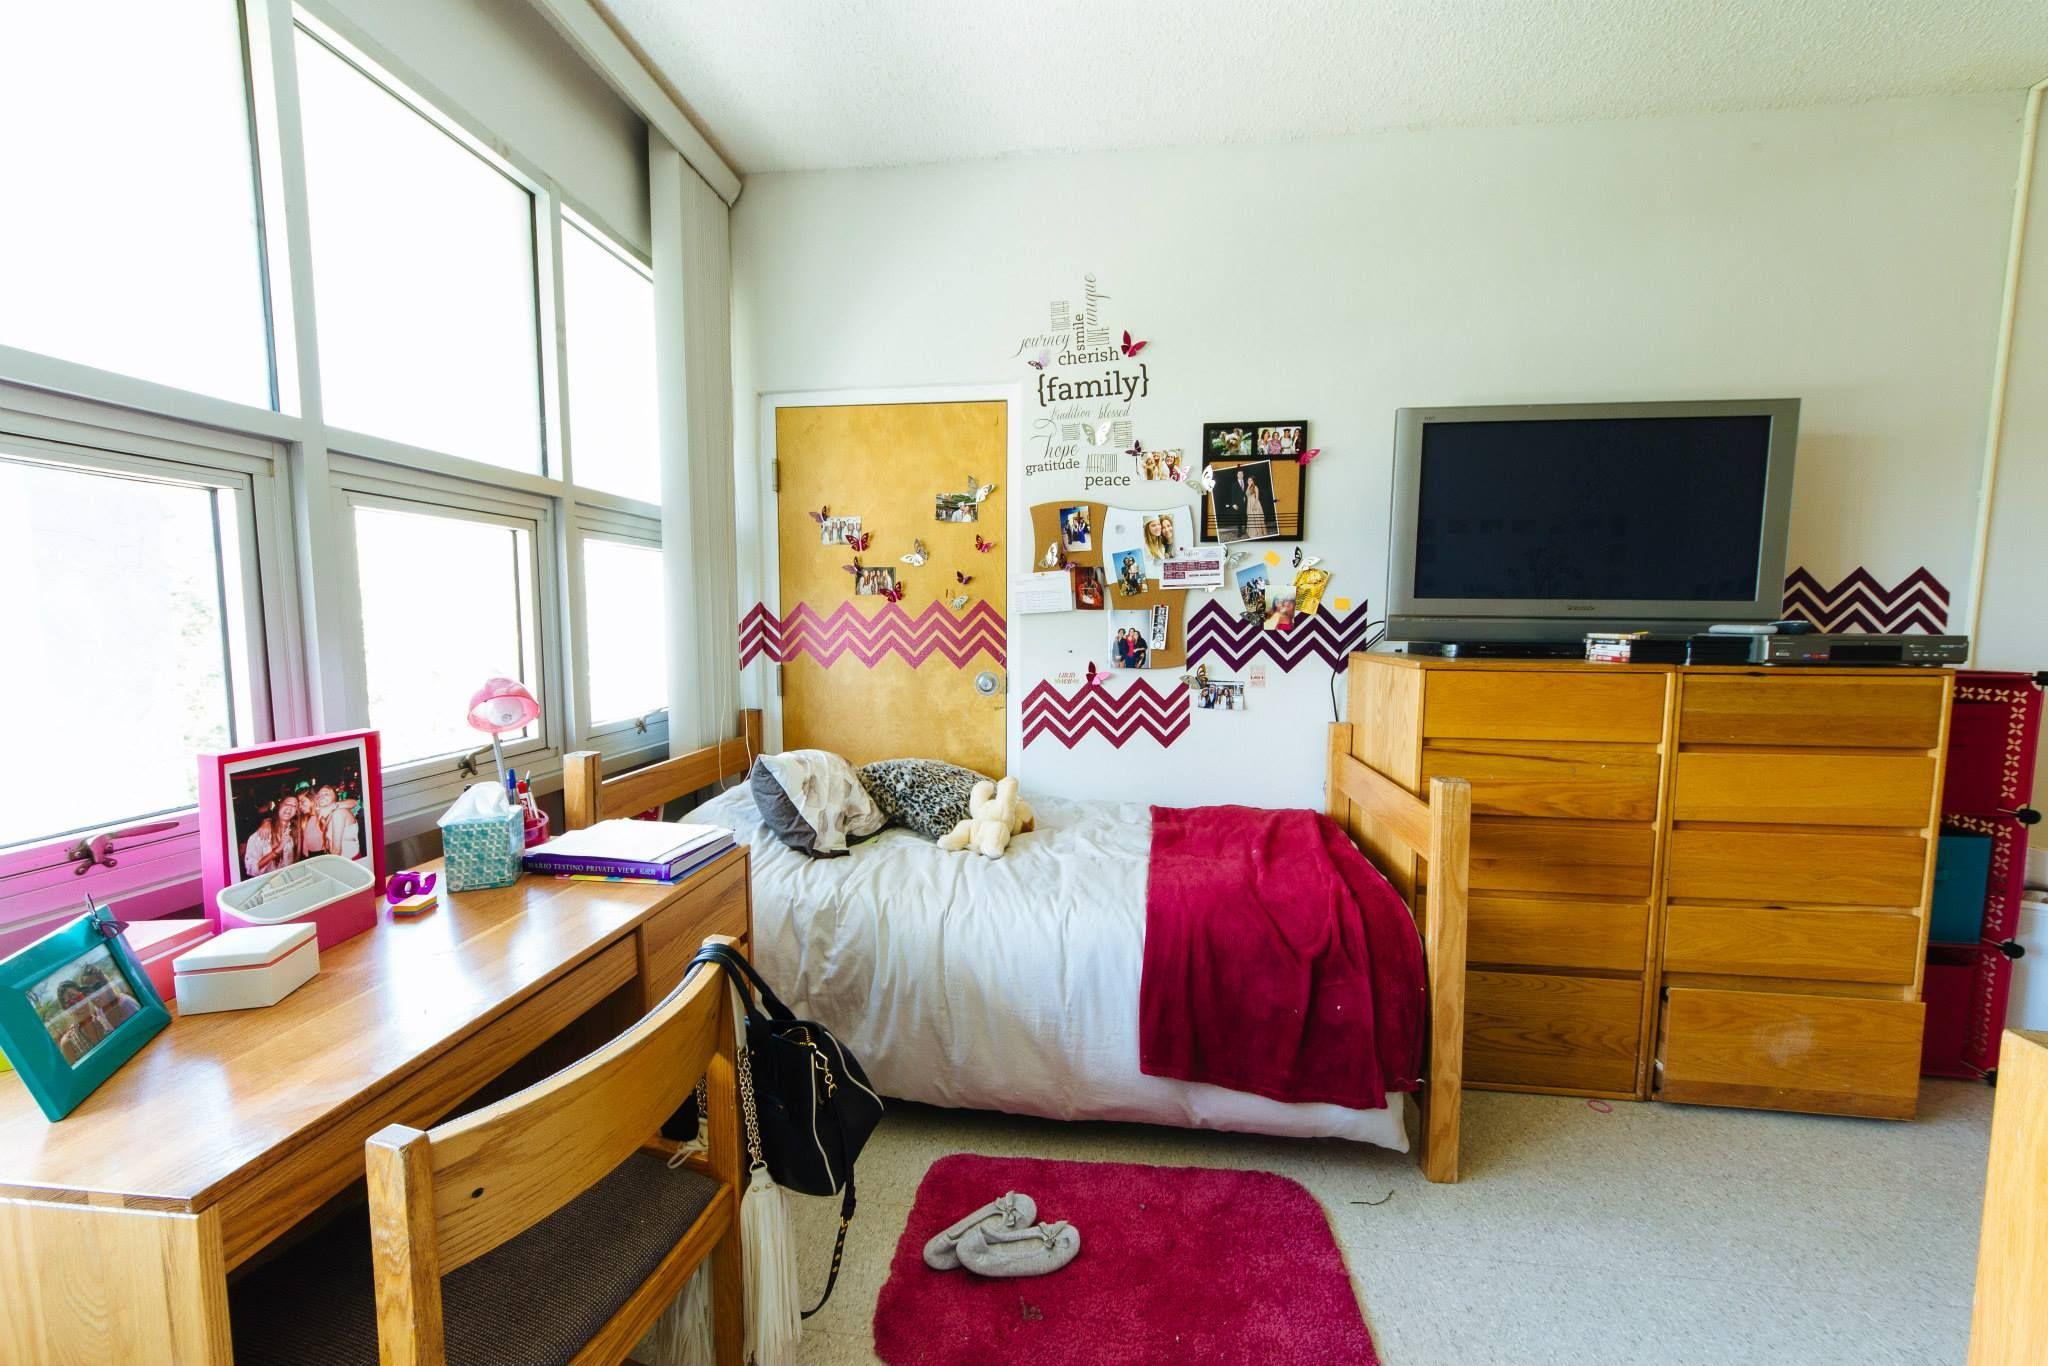 A Lynning Dorm Lynn University Dorm Life